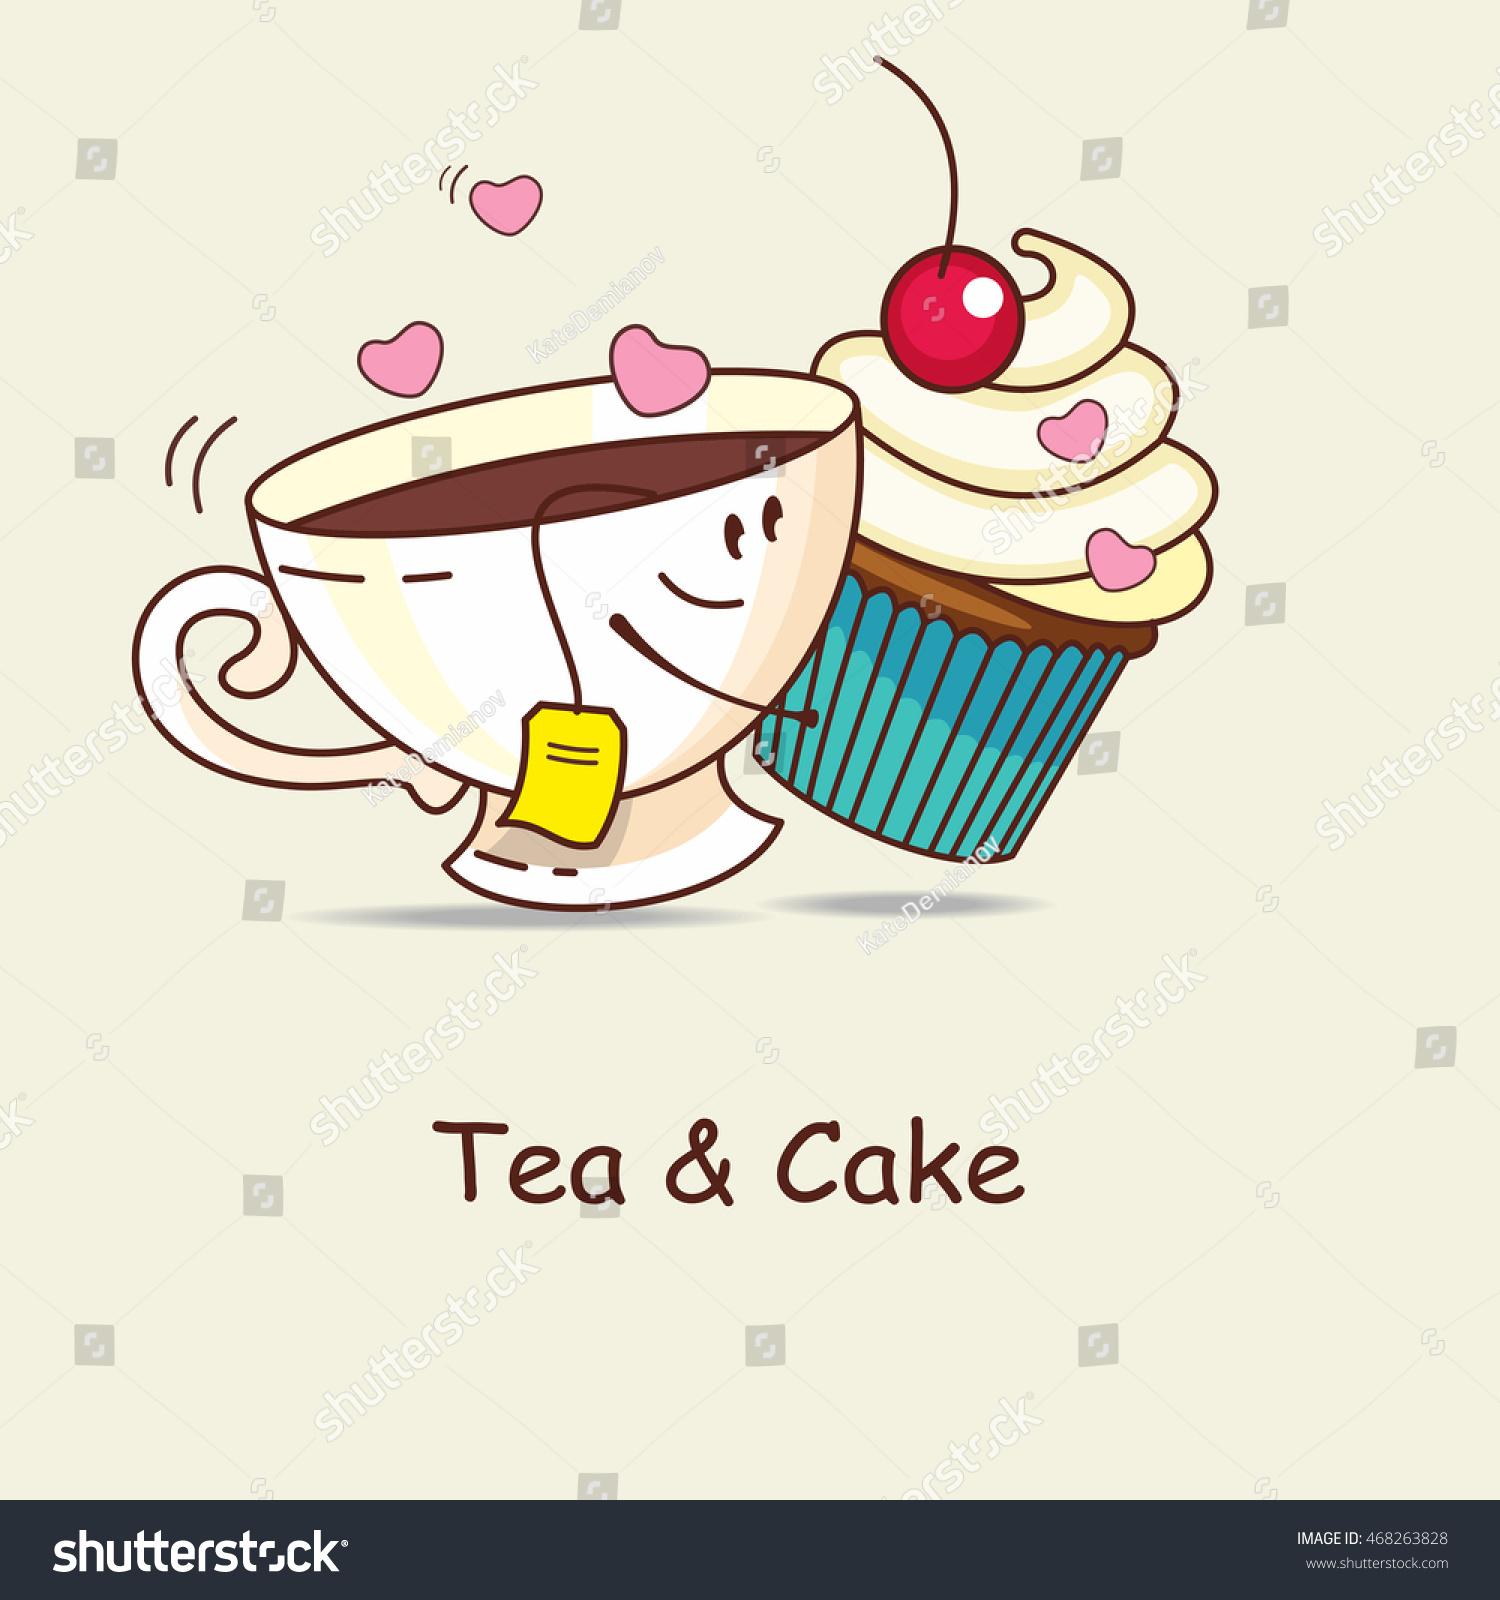 Tea Cake Love Forever Tea Cake Stock Vector 468263828 ...